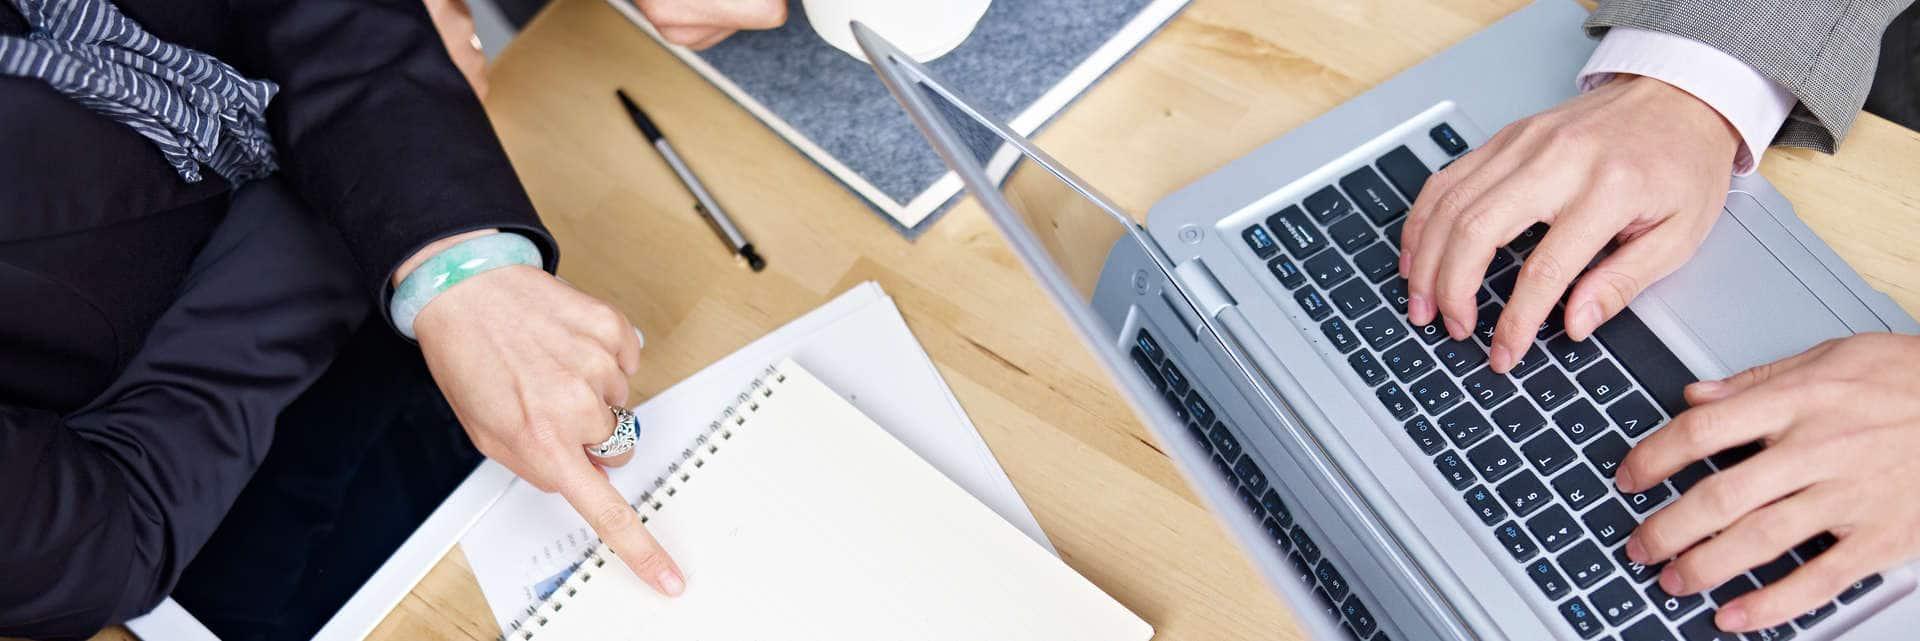 Muster Vertraulichkeiterklarung Mitarbeiter Datenschutzexperte